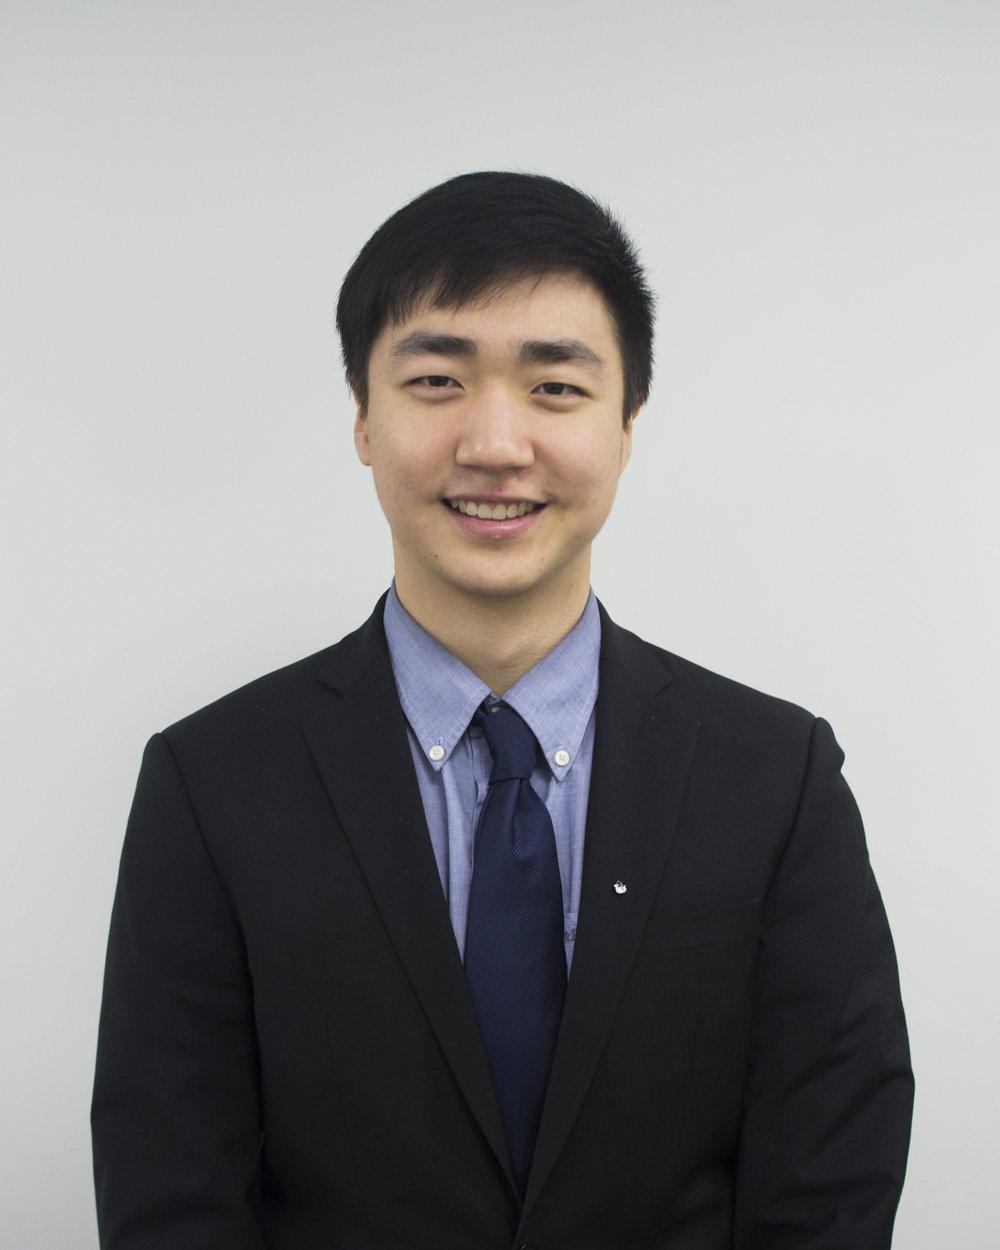 Jake Shin